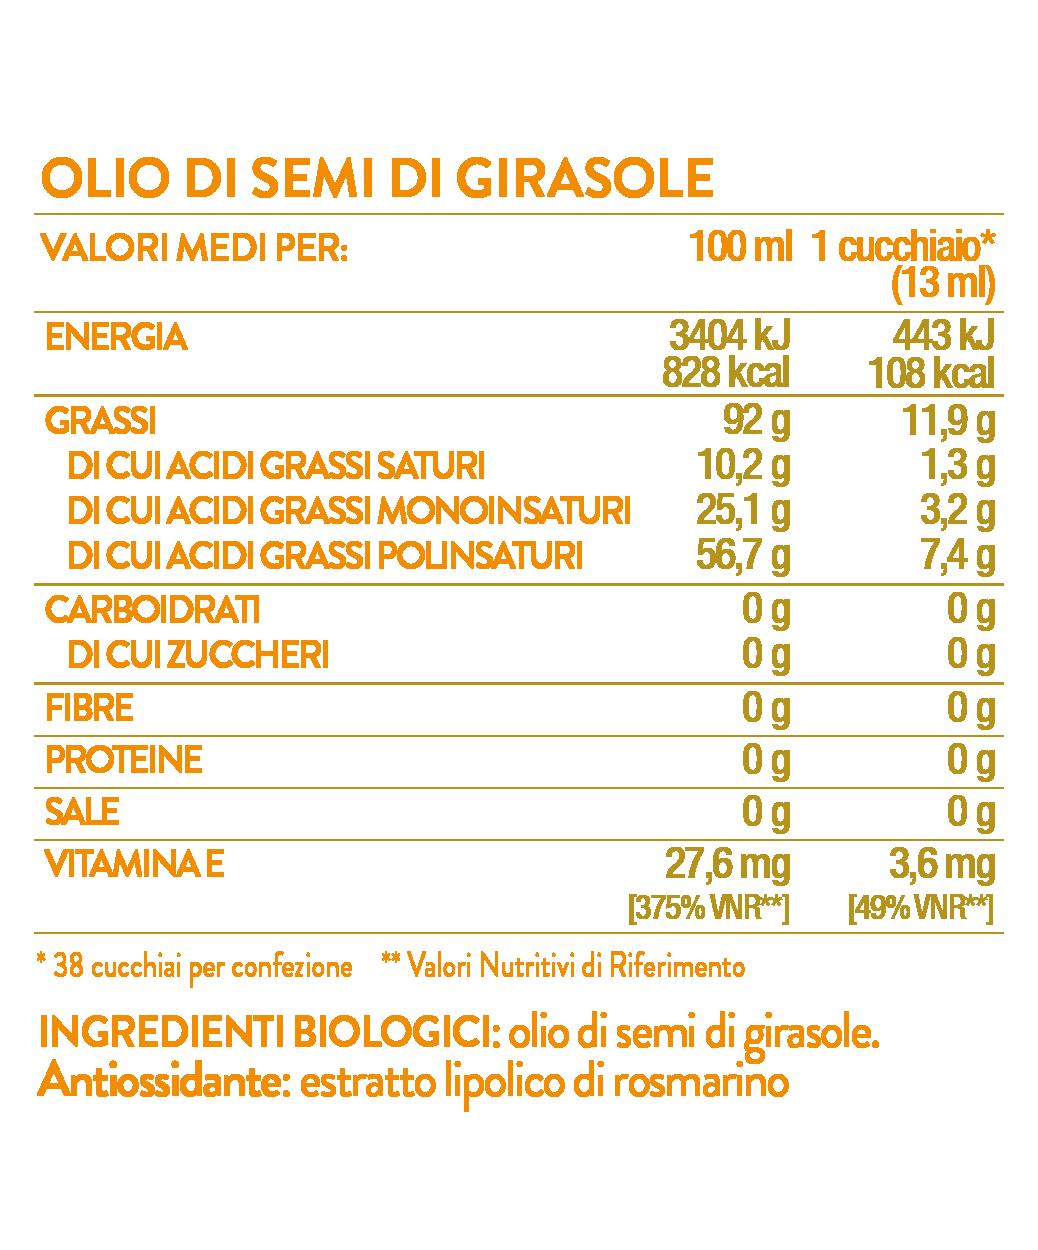 TABELLE NUTRIZIONALI WEB_GIRASOLE